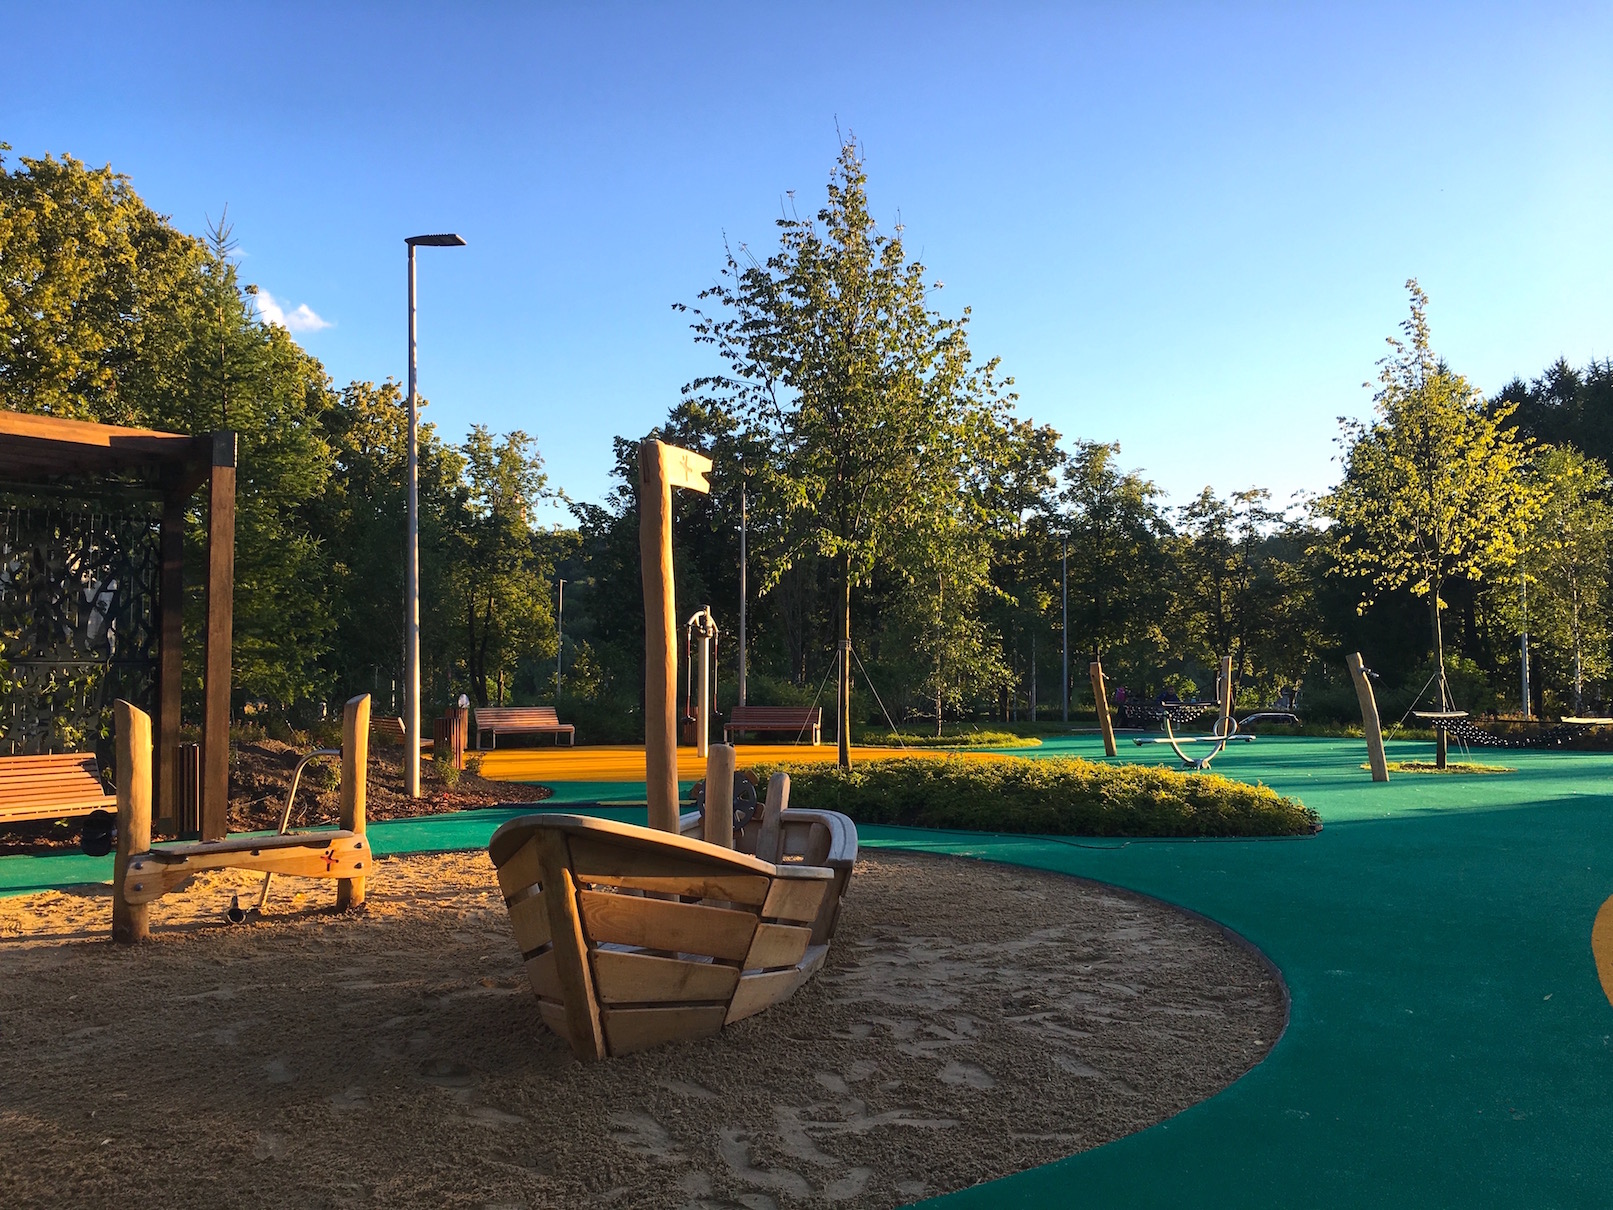 Покрытие детской площадки в олимпийском комплексе Лужники